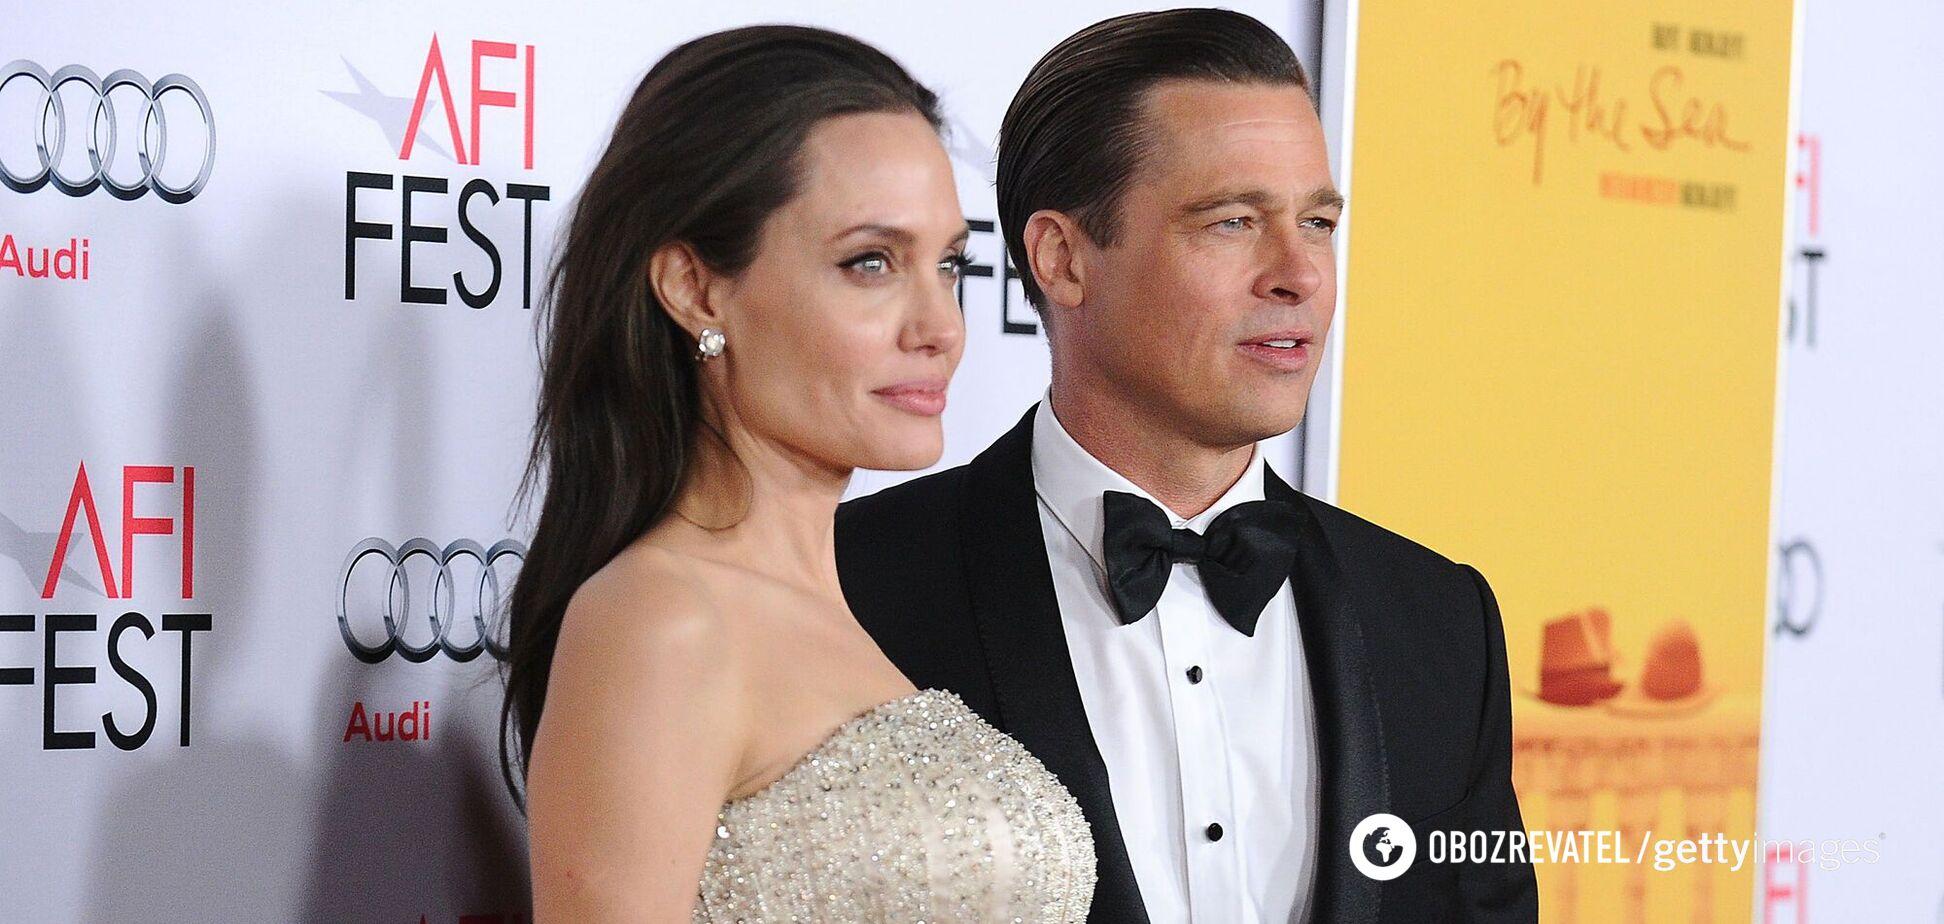 Джолі планує звинуватити Пітта в домашньому насильстві – ЗМІ